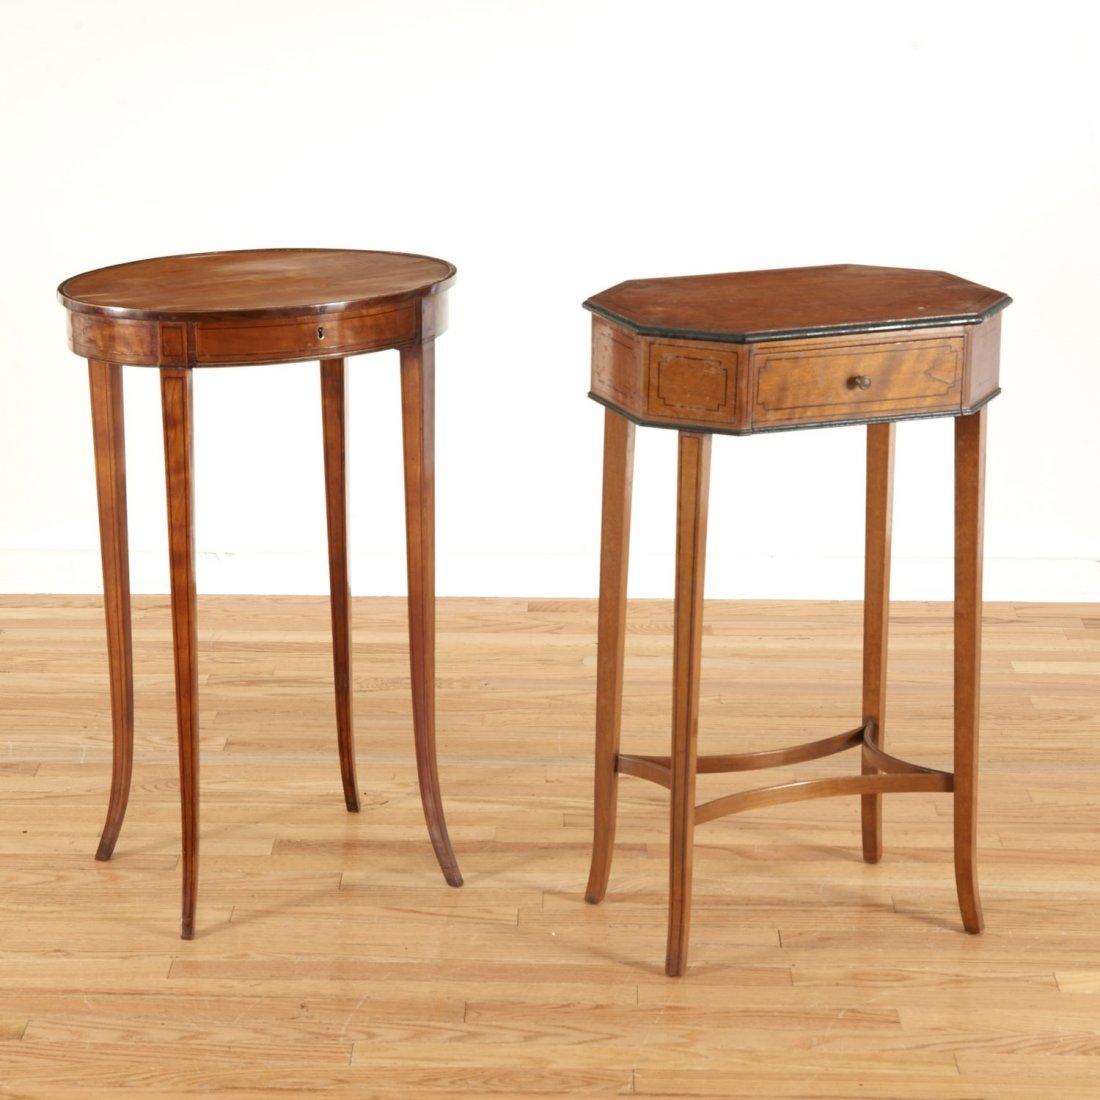 (2) Regency inlaid satinwood sewing stands